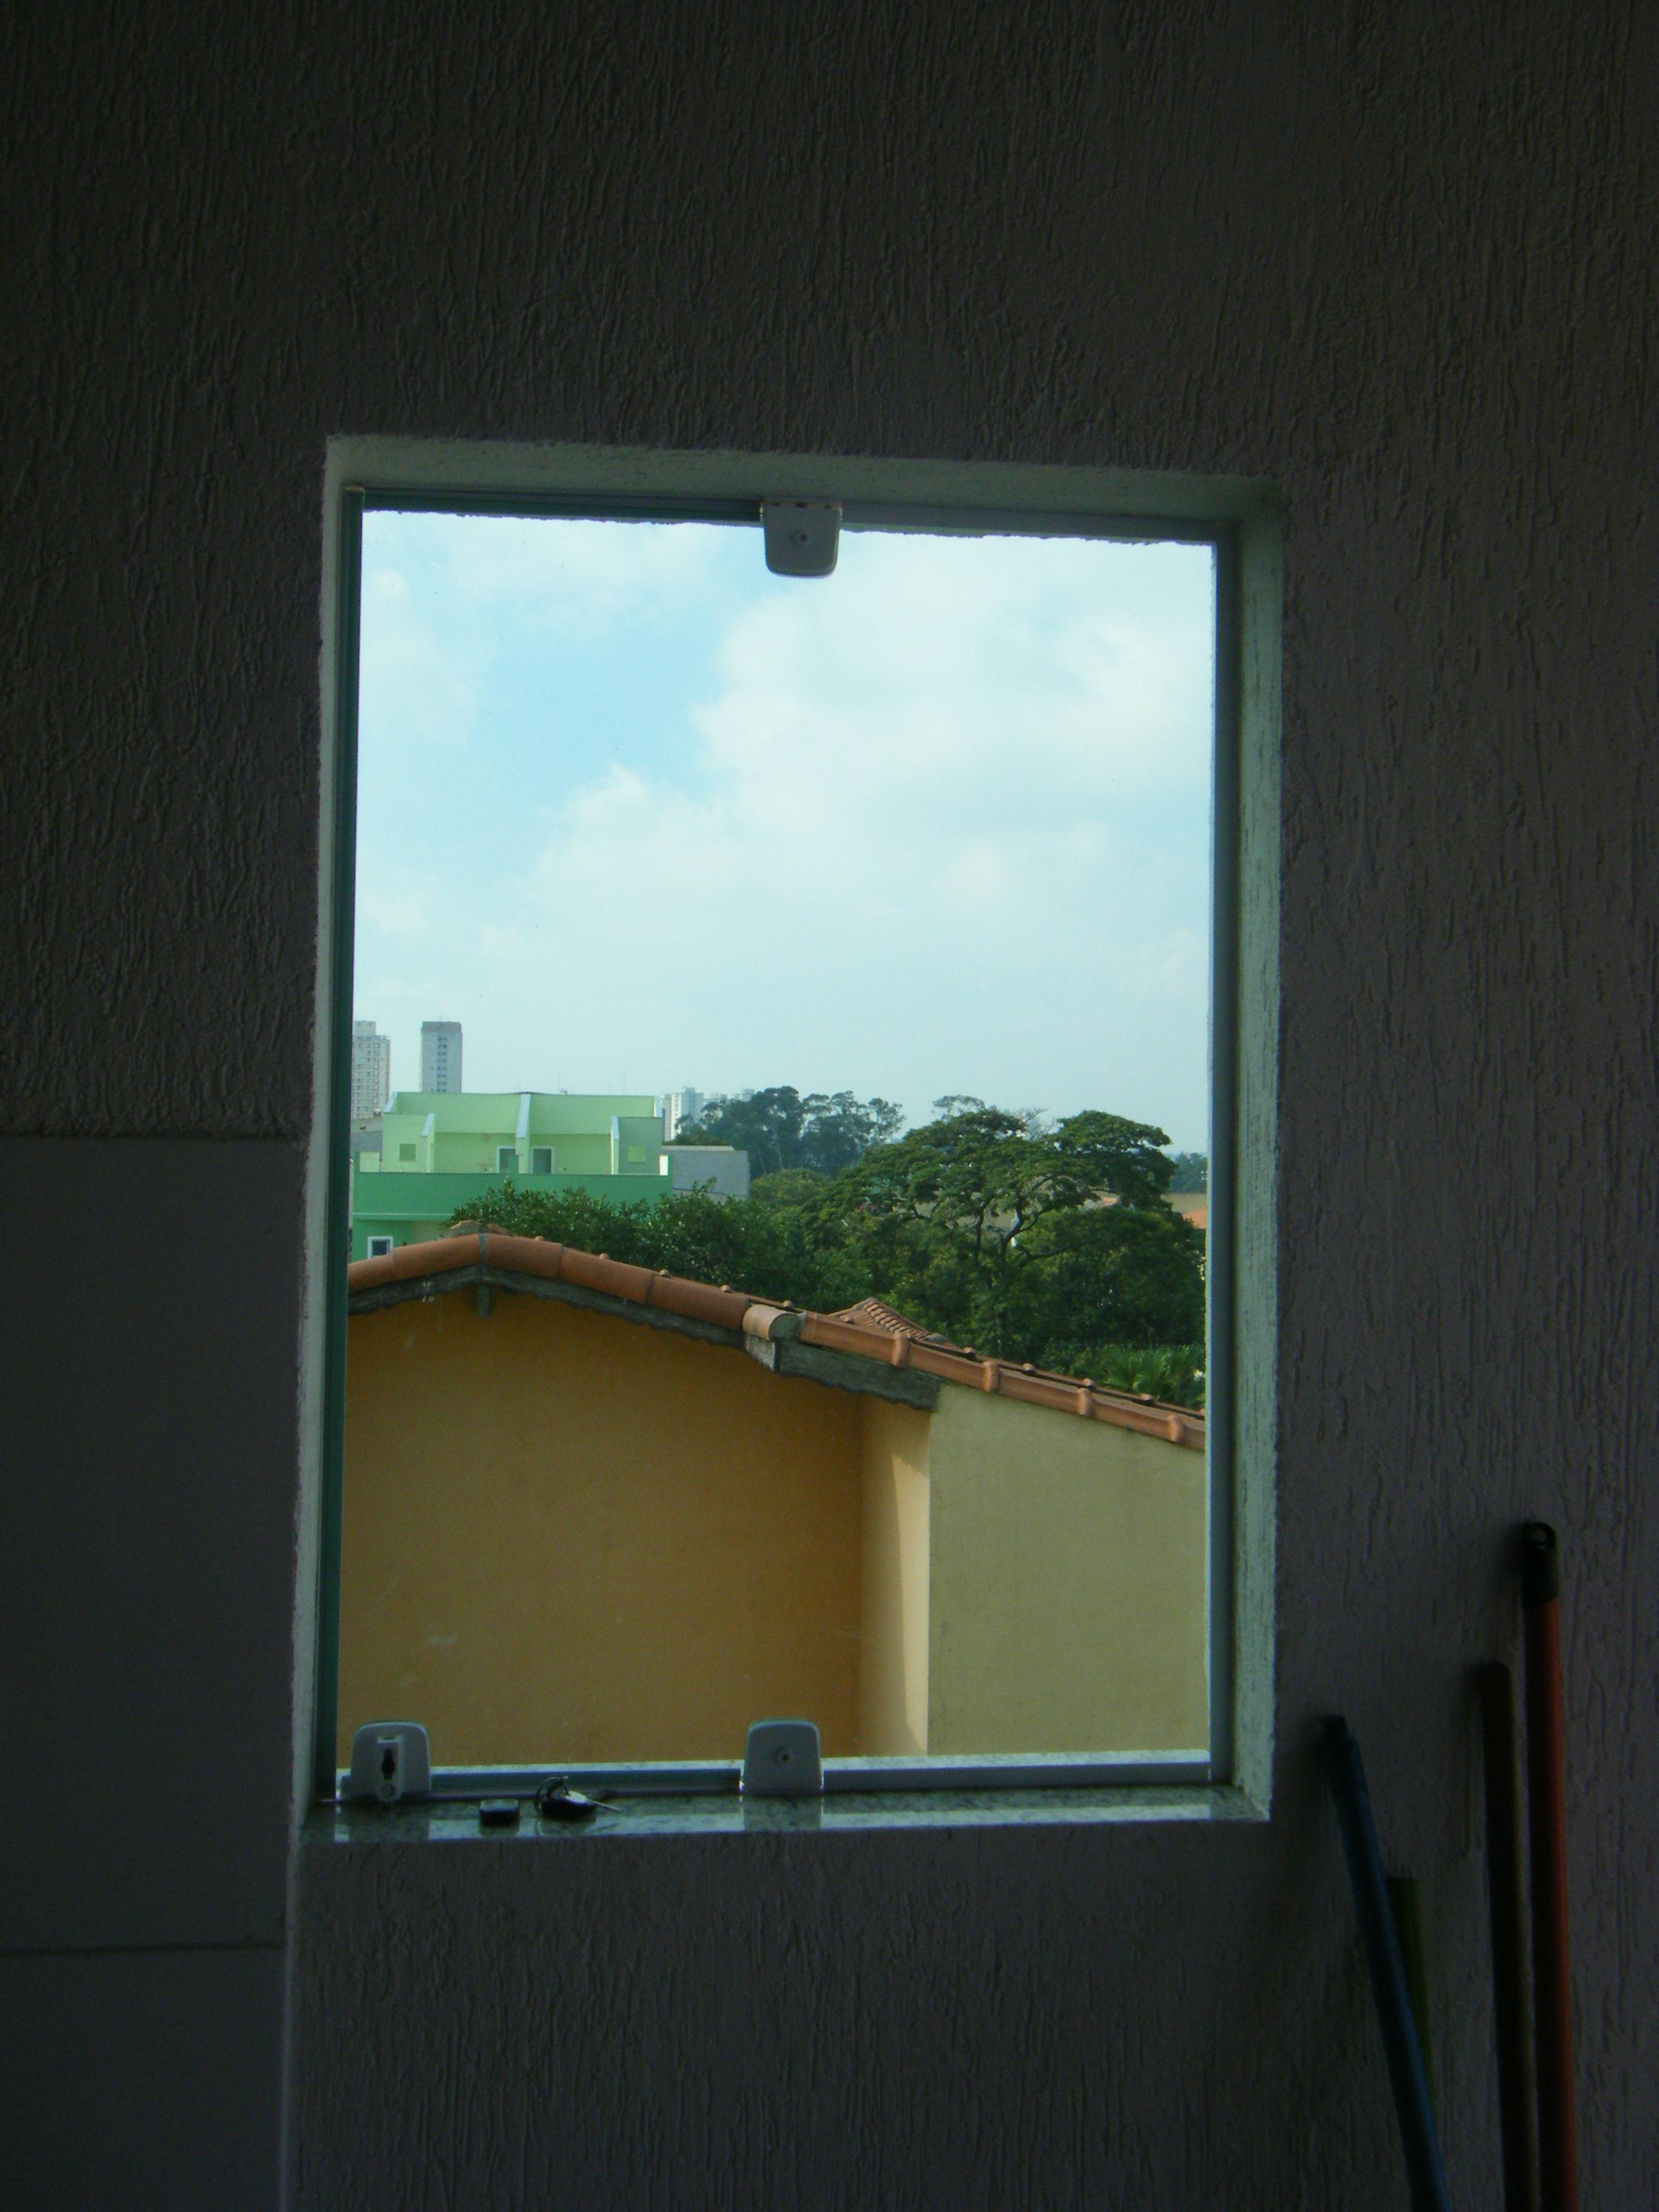 #388E93 ABC CENTRAL VIDROS Av. D. Pedro I 1864 Vila Pires Santo André  310 Janelas De Vidro Temperado Em Arco